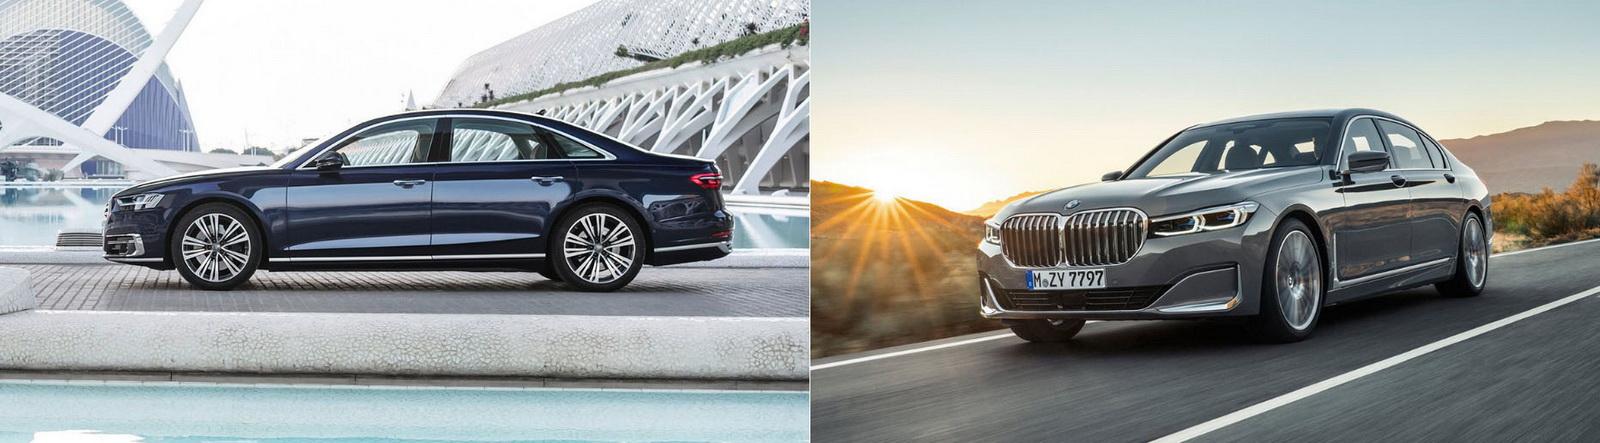 圖/Audi A8 50 TDI Quattro(左)展現出豪華房車該有的優雅線條,BMW 7-Series(NEW) 730i則在動靜之間皆充滿凜然風範。